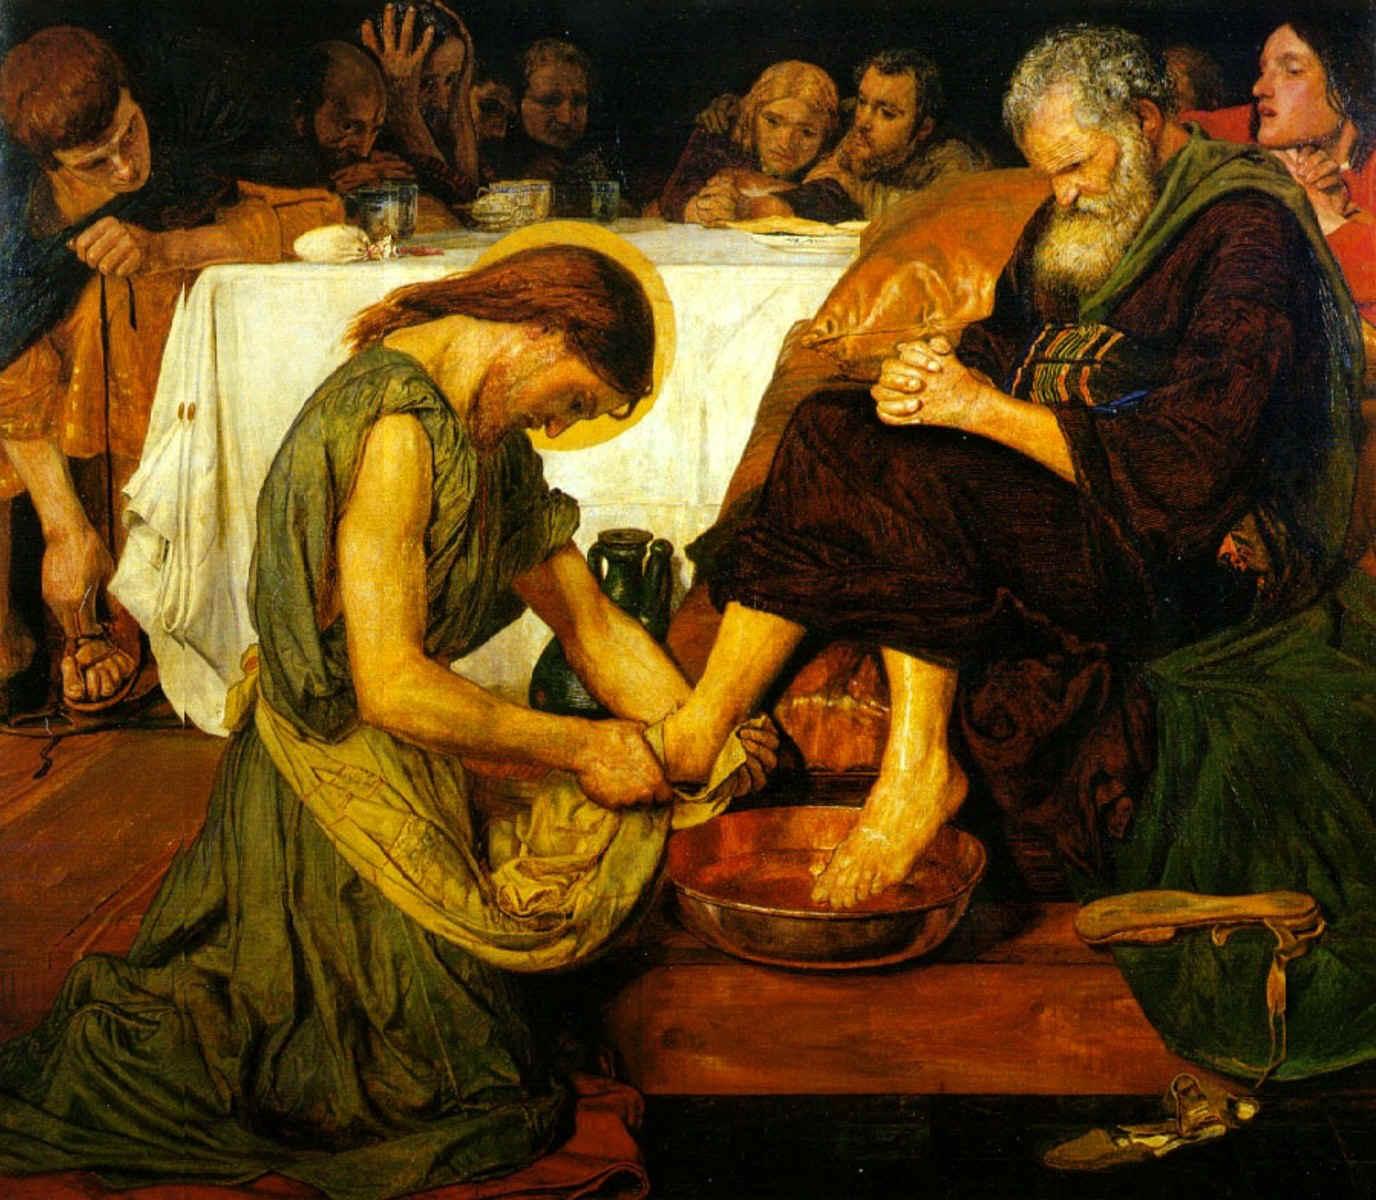 cristo-lavando-pies-pedro-ford_maddox